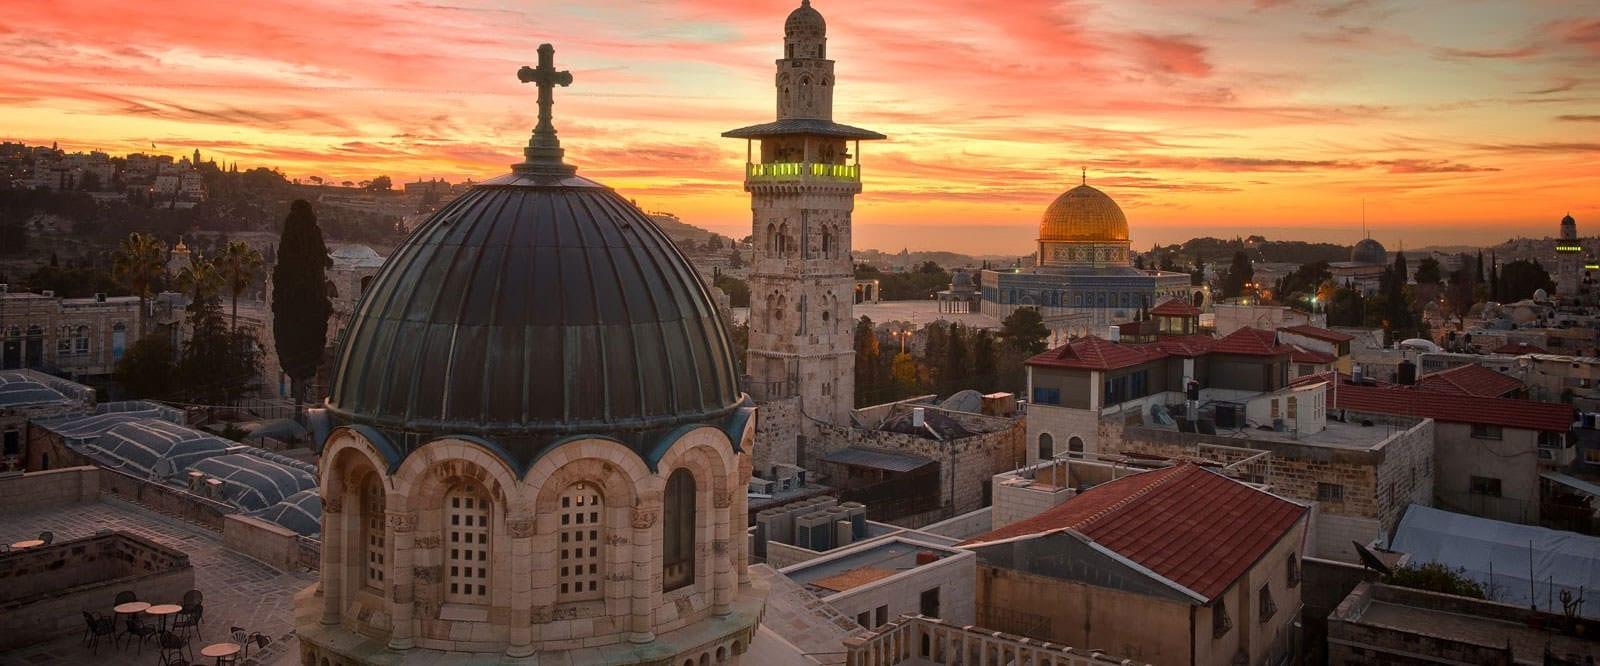 Holy Land Catholic Pilgimage Tour Jerusalem